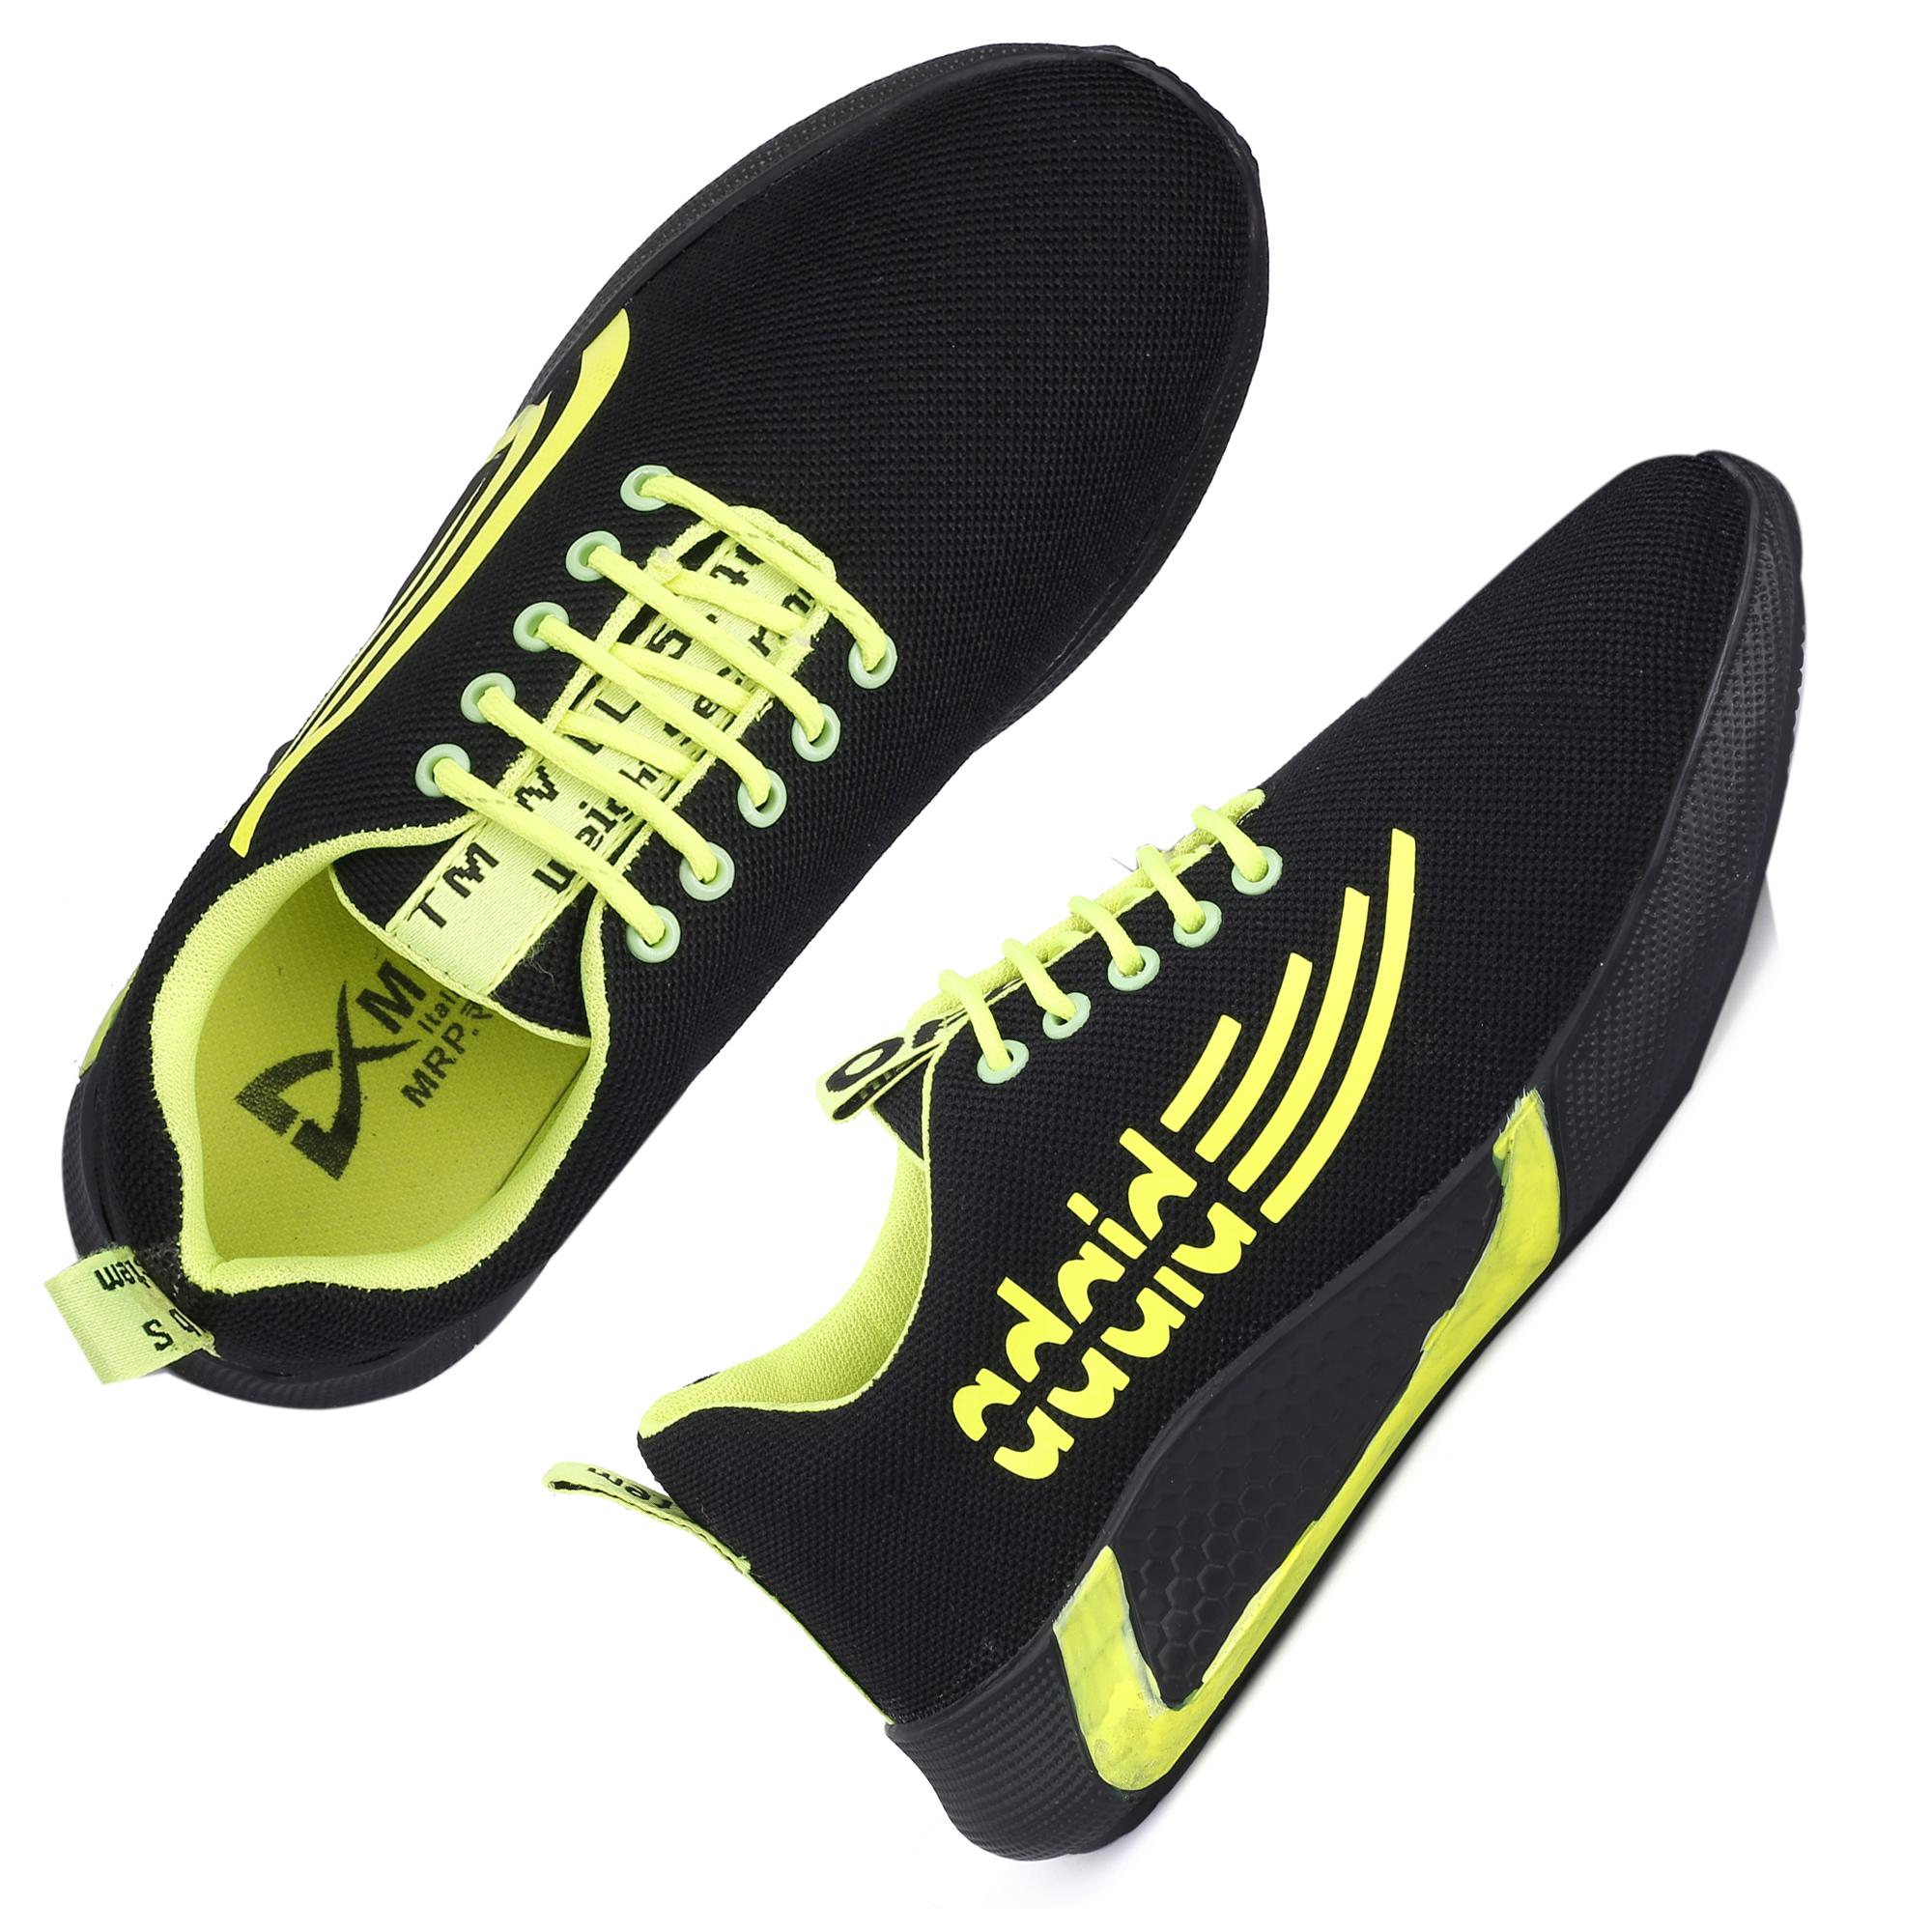 JK Port Original Comfortable & Reliable JKPSB82BLK Sport Shoe In Black Colour (Black, 6-10, 8 PAIR)